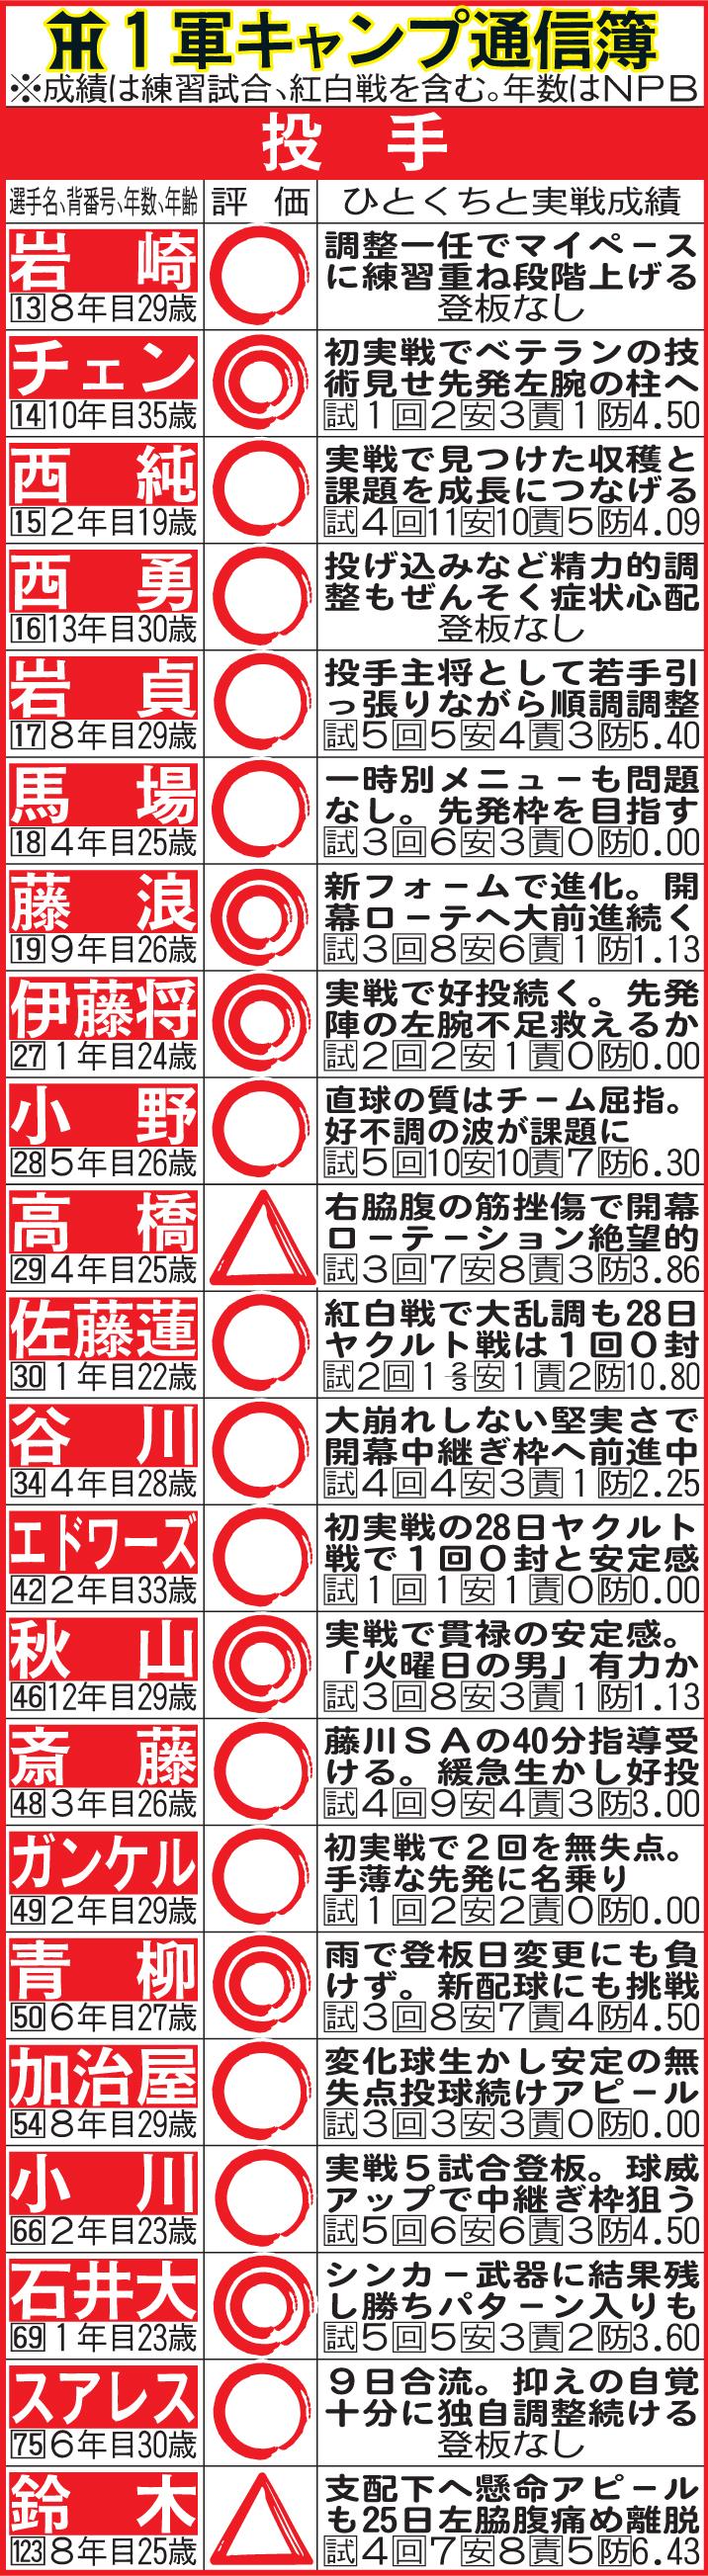 阪神1軍キャンプ通信簿